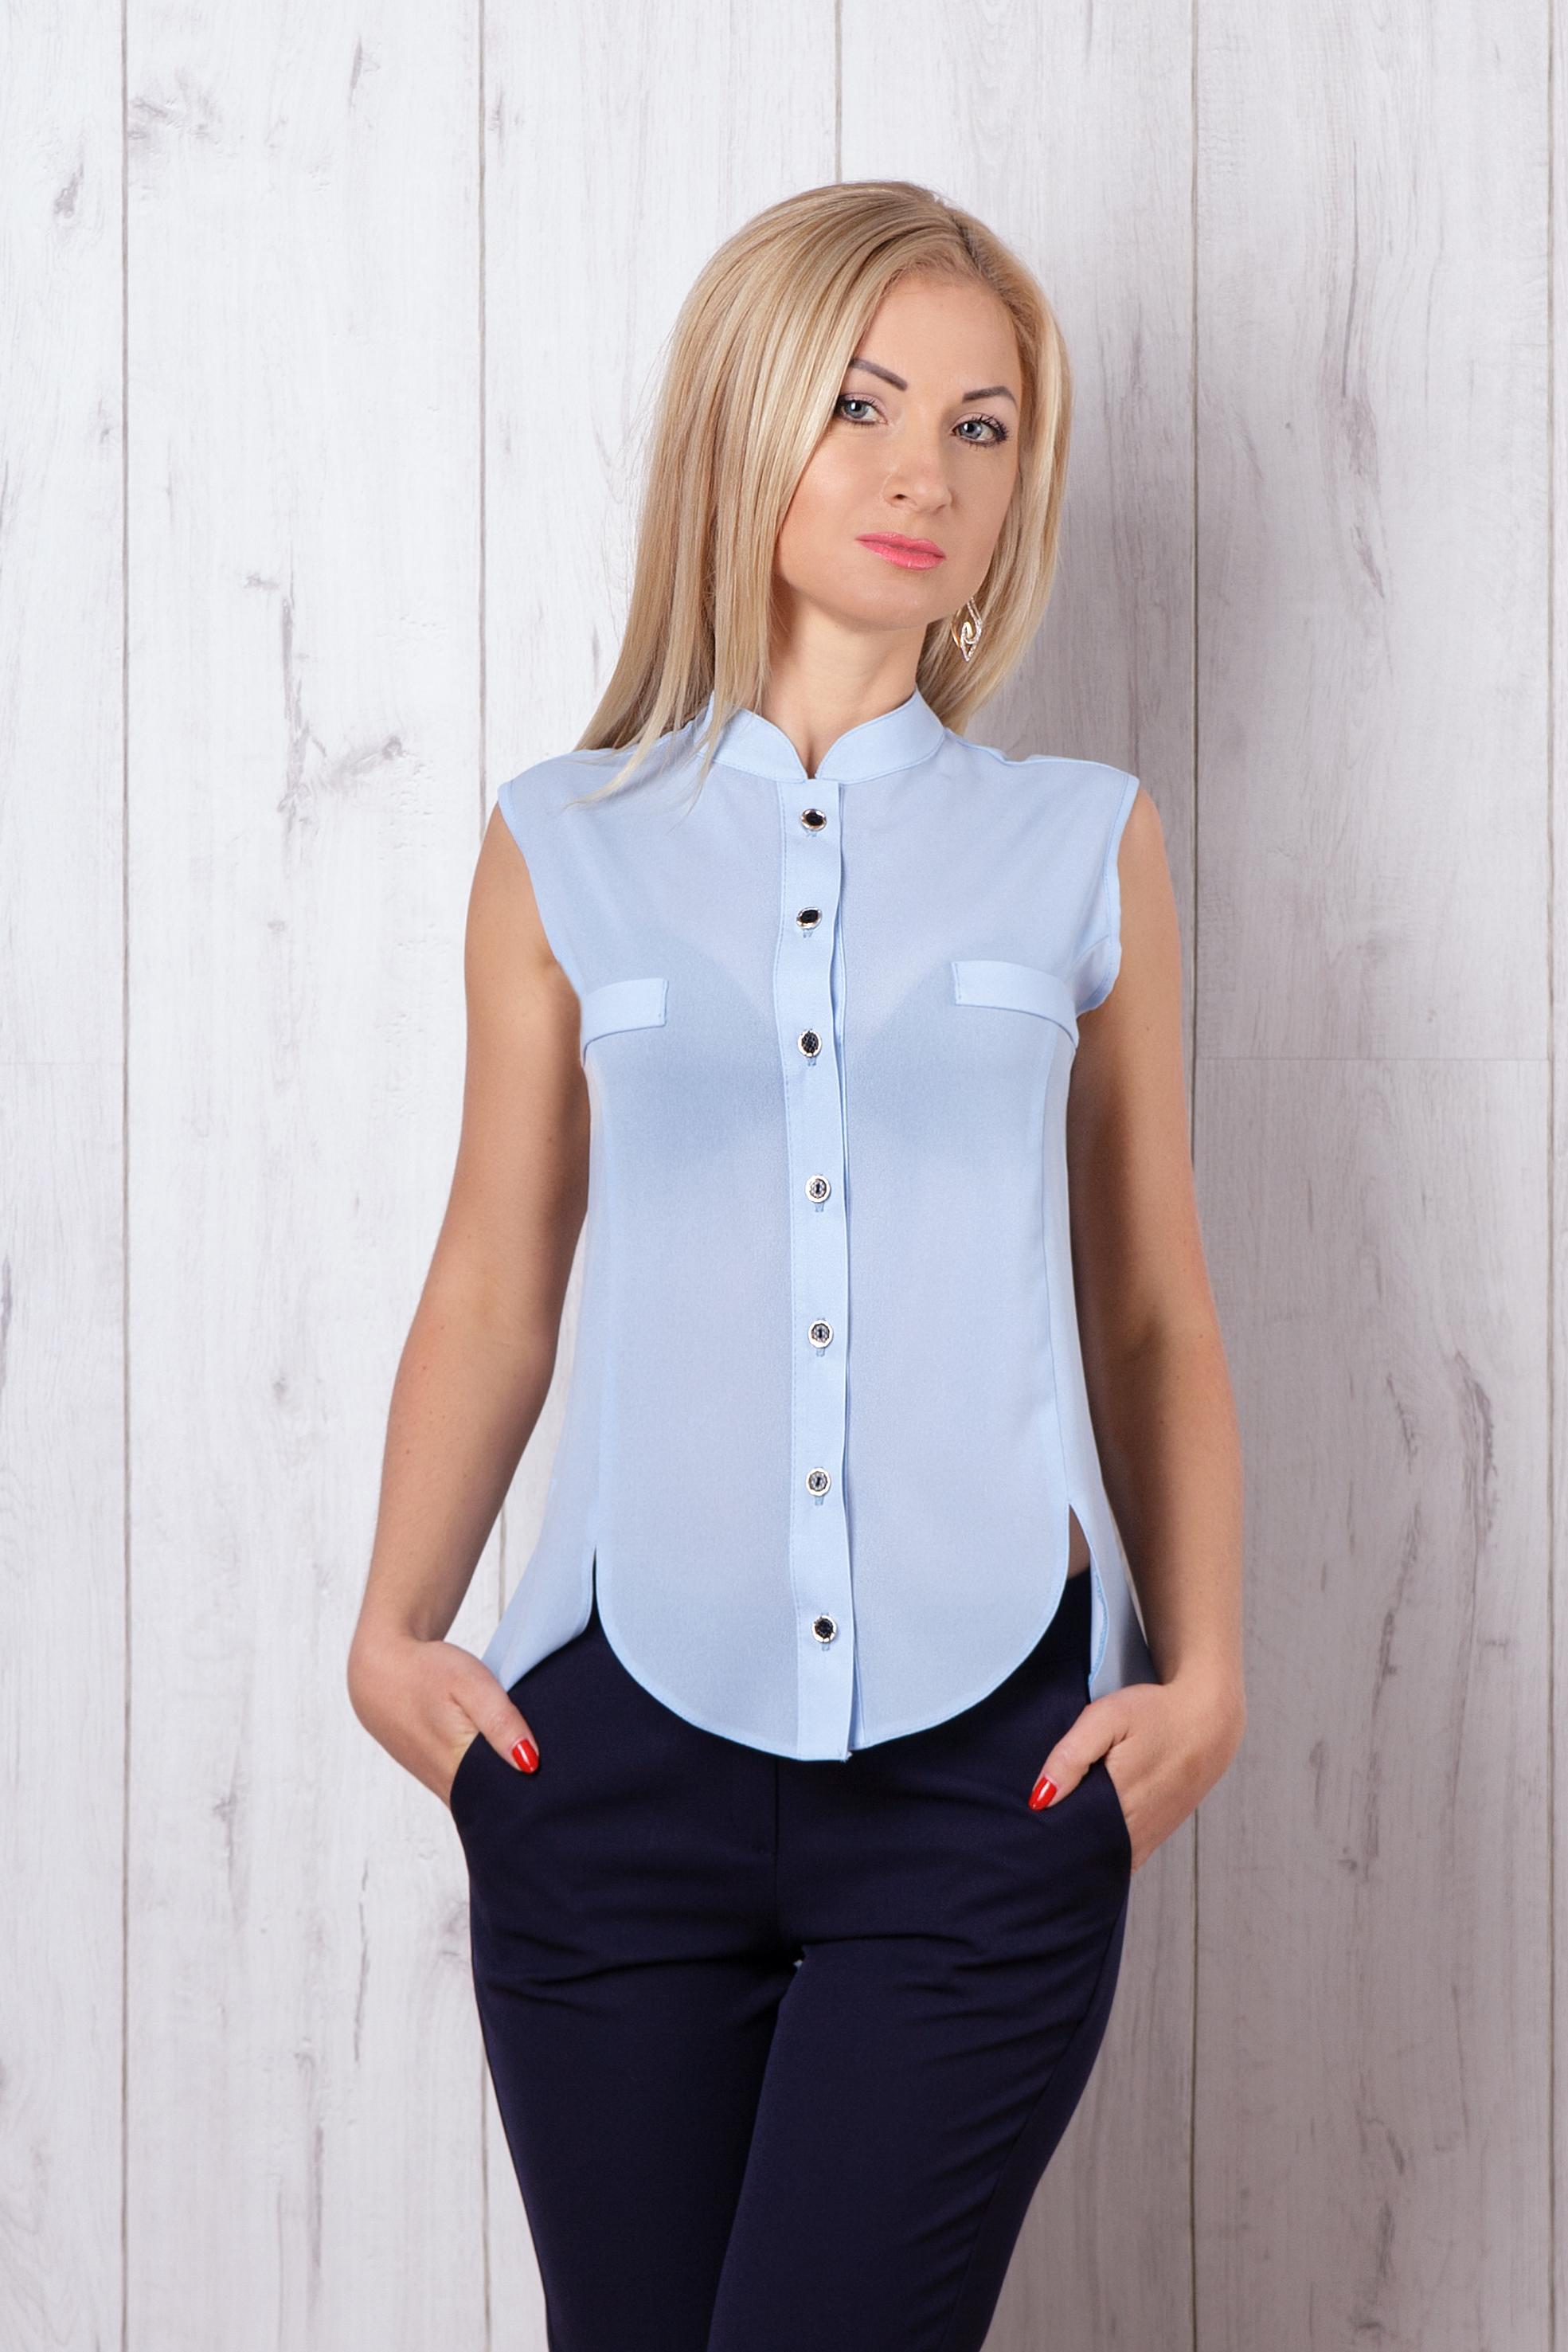 Женская блуза без рукавов 372 - Фотогалерея стильного одягу - Купити ... 1ba7ef45a64d0